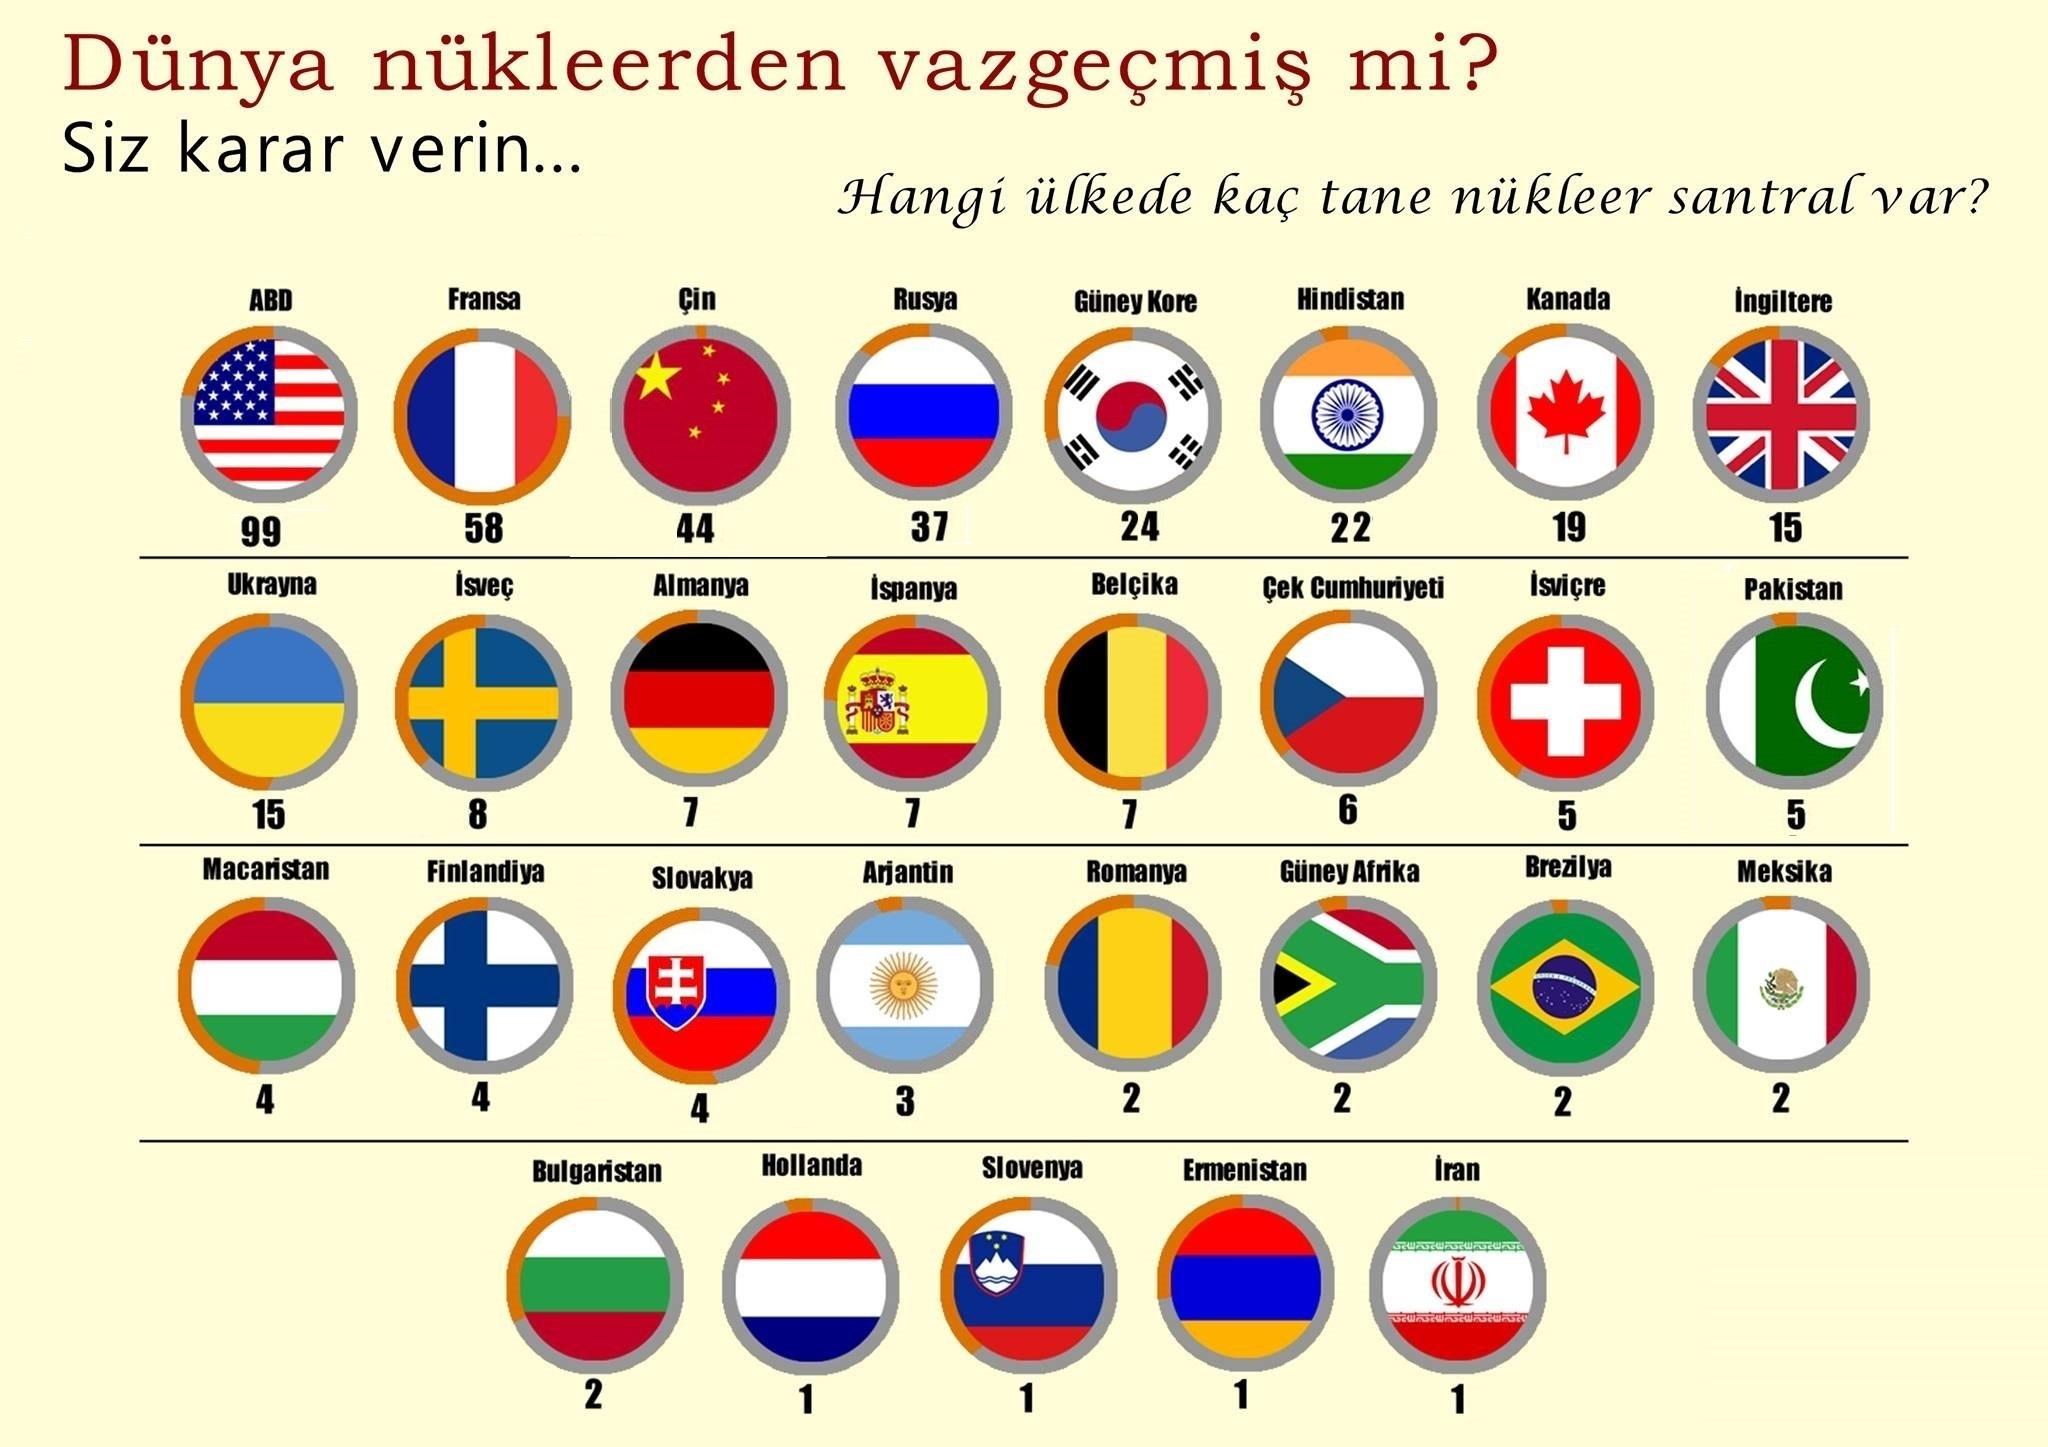 Dünya Nükleer -bayraklı nükleer reaktör sayısı